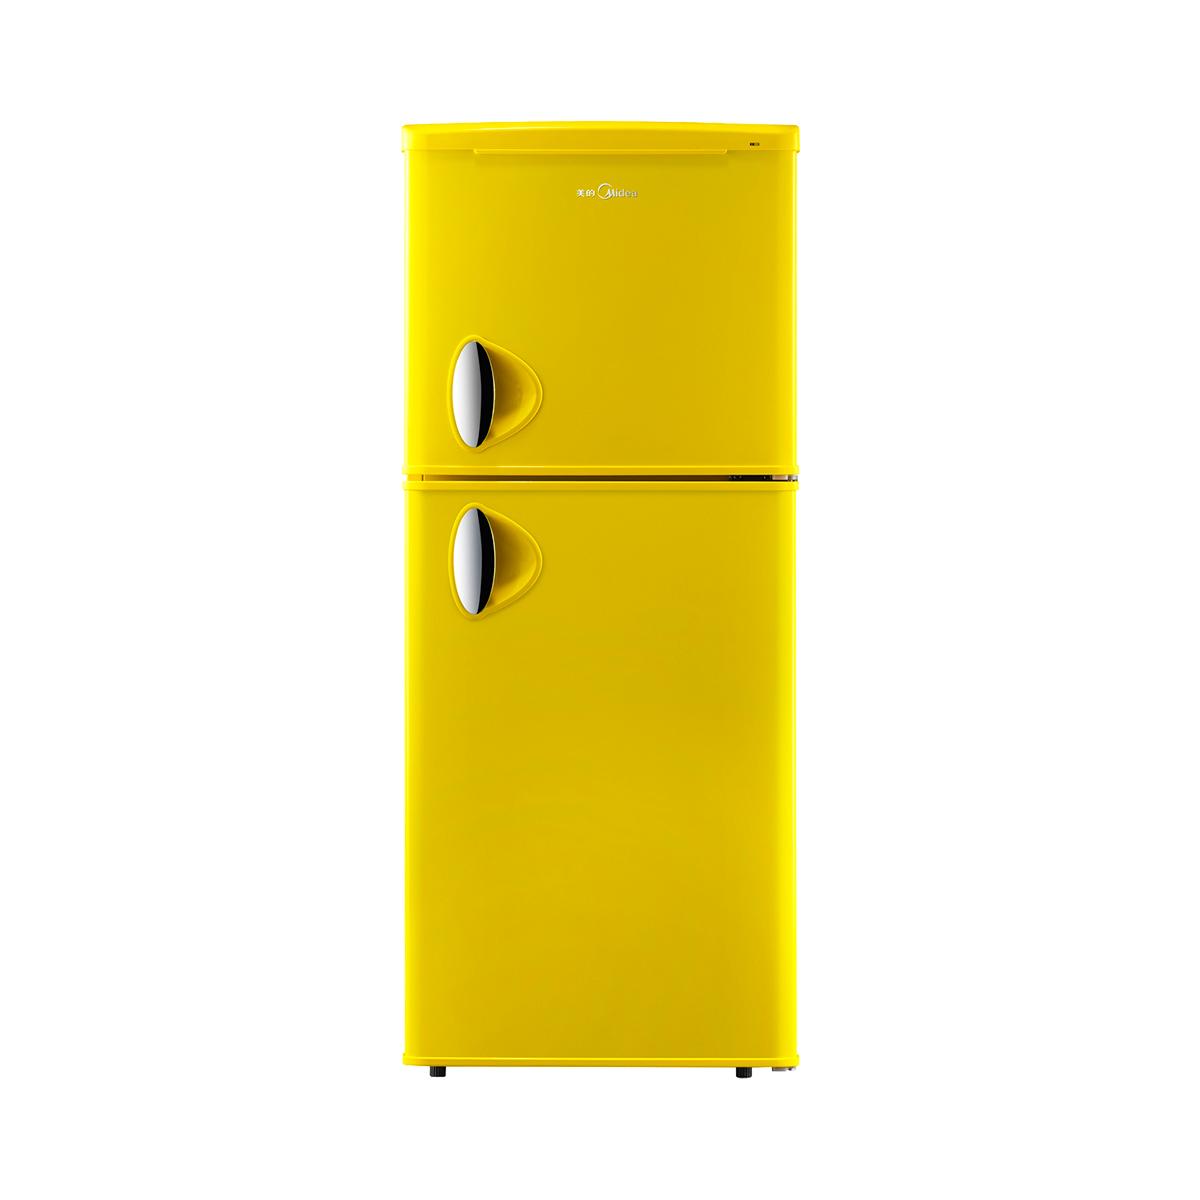 Midea/美的 MD冰箱BCD-112CM(E)活力橙冰箱 说明书.pdf